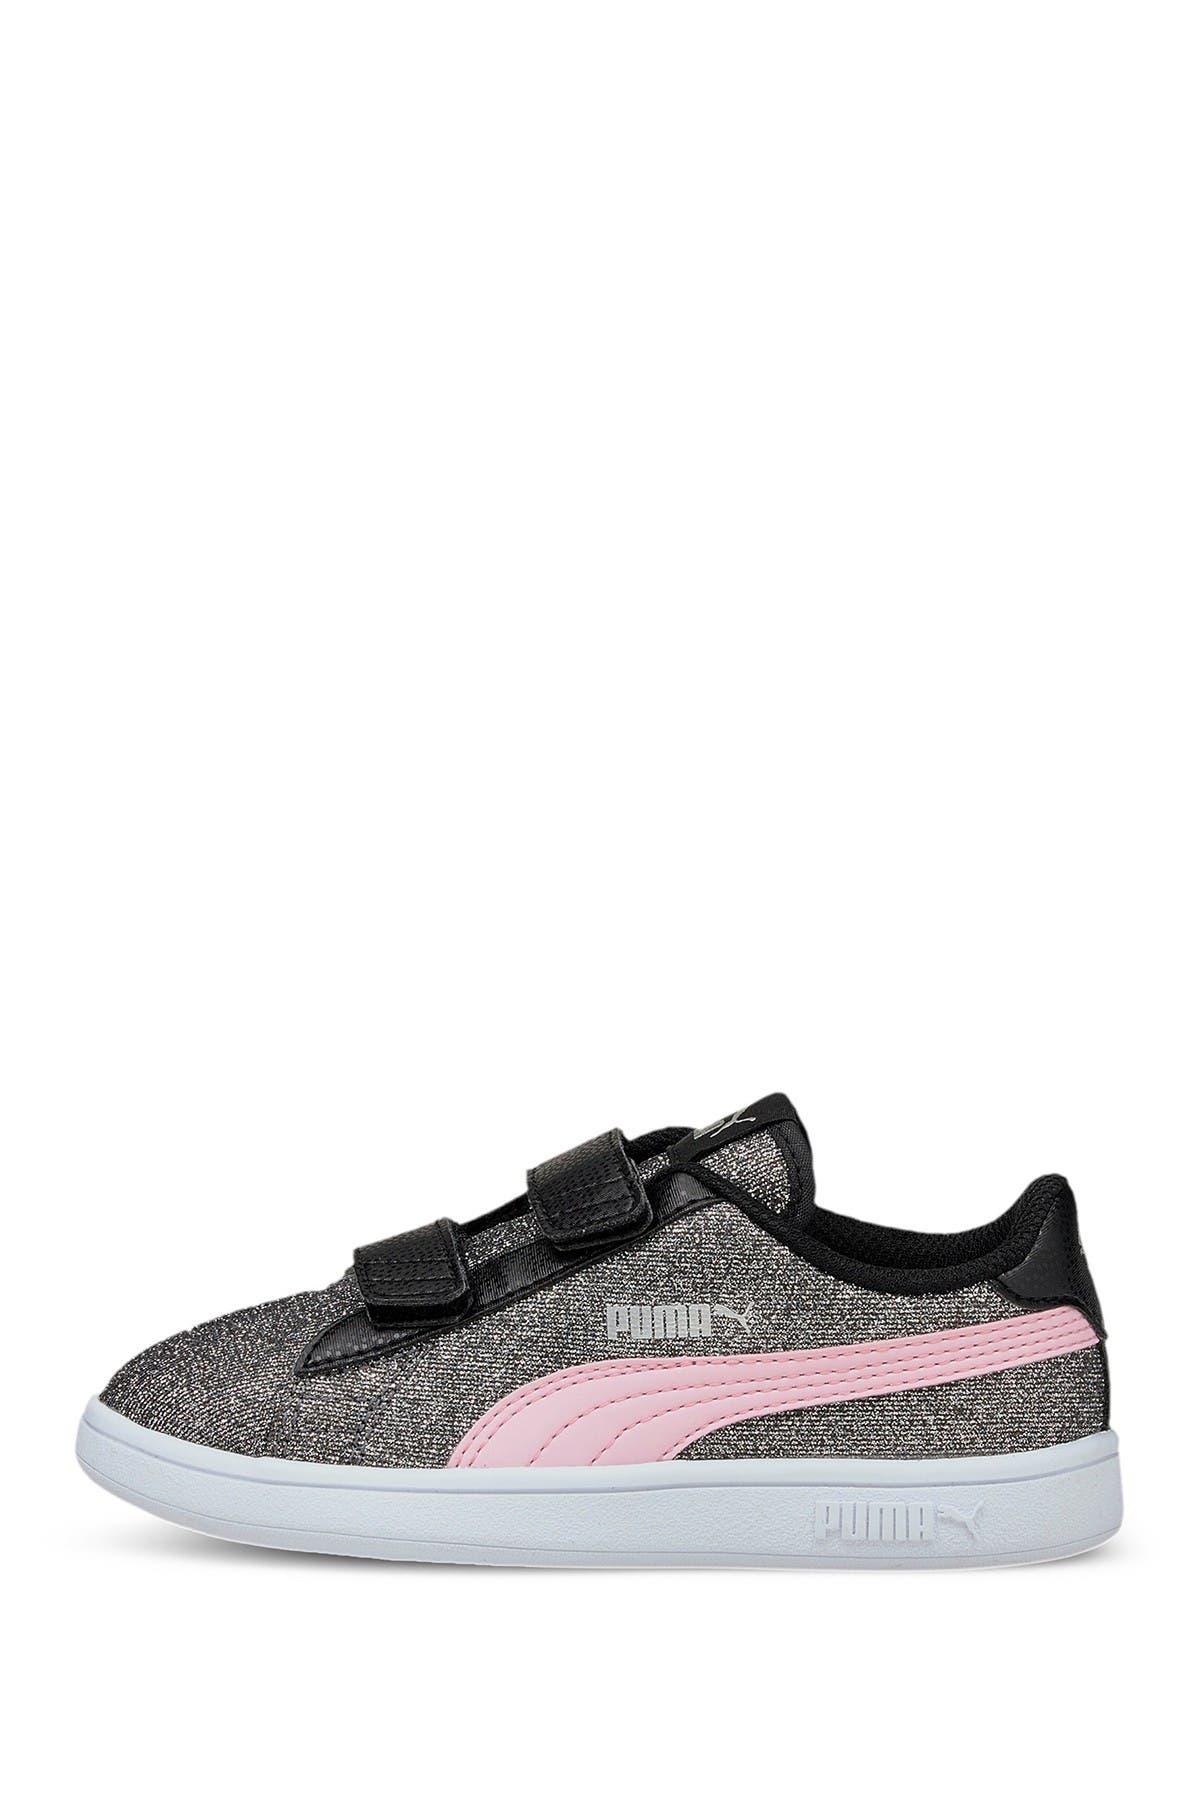 Image of PUMA Smash V2 Glitz Glam Sneaker